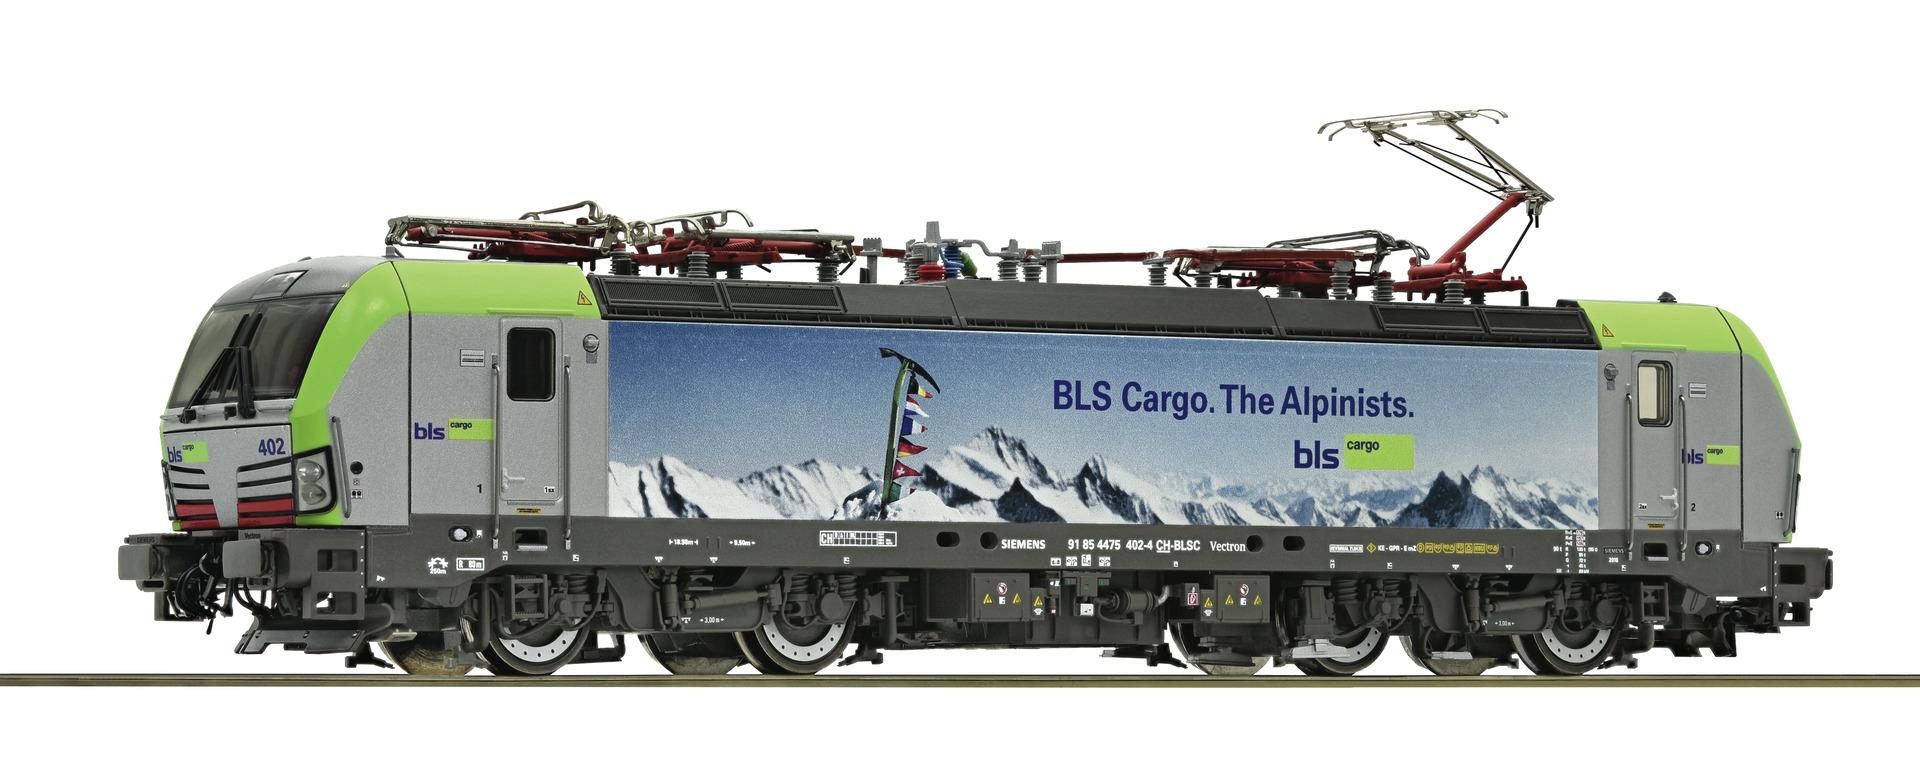 Roco73920 Re475 BLS cargo, dcc sound